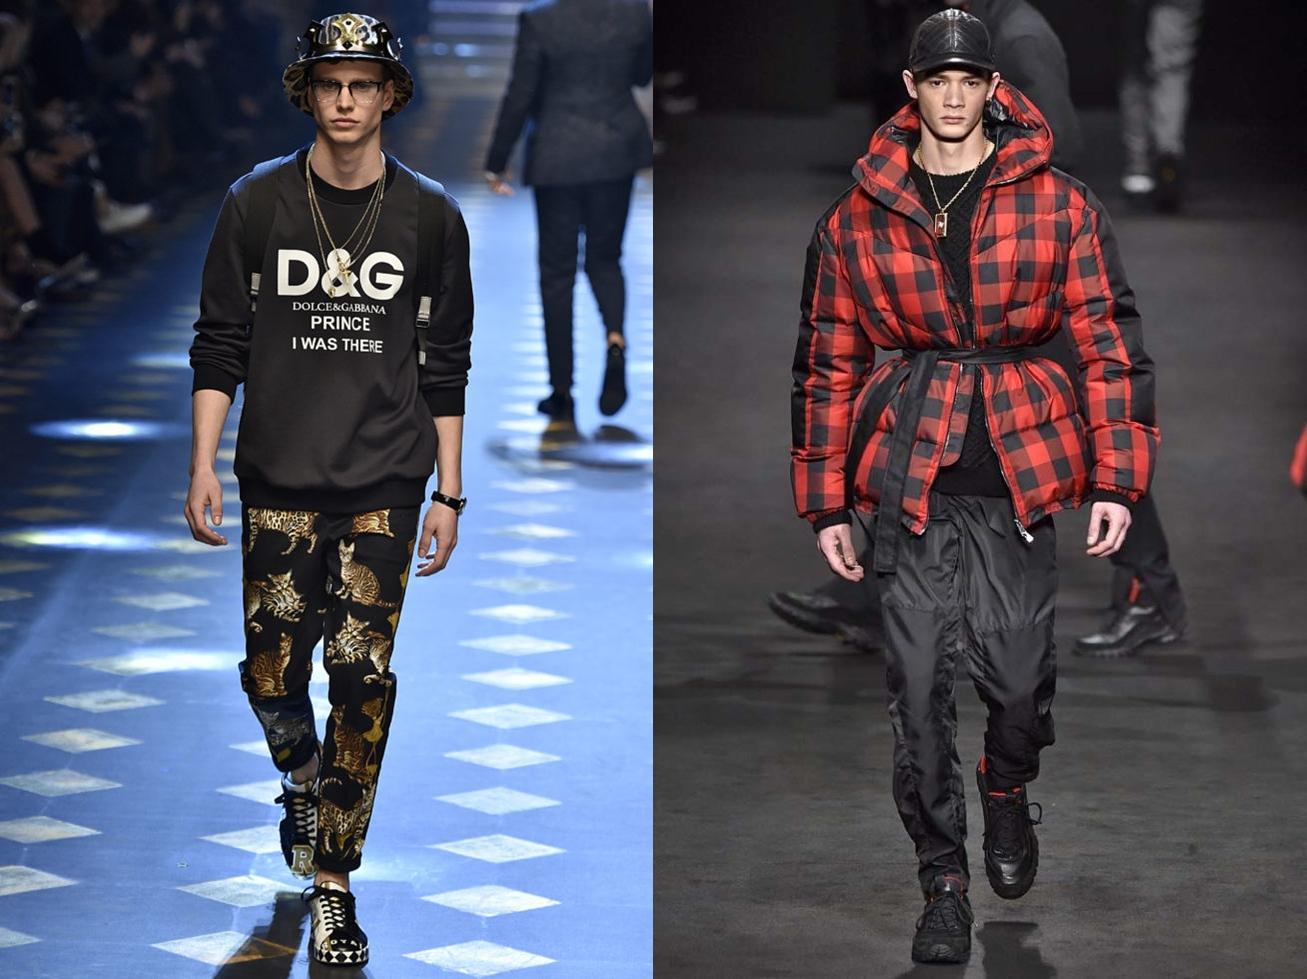 como usar chapéu, desfile dolce and gabbana, desfile versace, roupa masculina, estilo masculino, tendencia masculina, trends for men, alex cursino, blog de moda masculina,